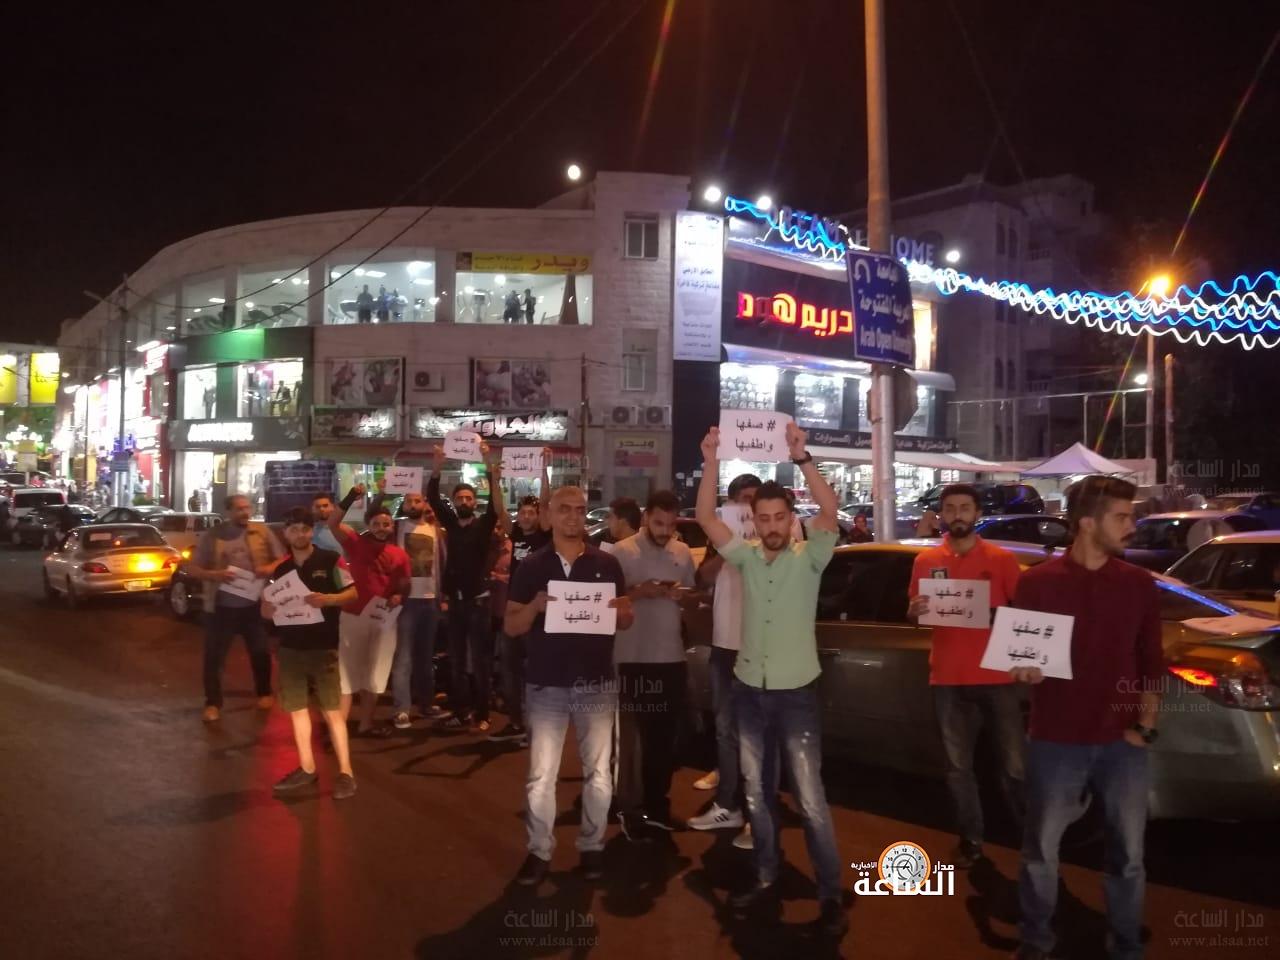 اعتصامات في العاصمة الادرنية (مدار الساعة)